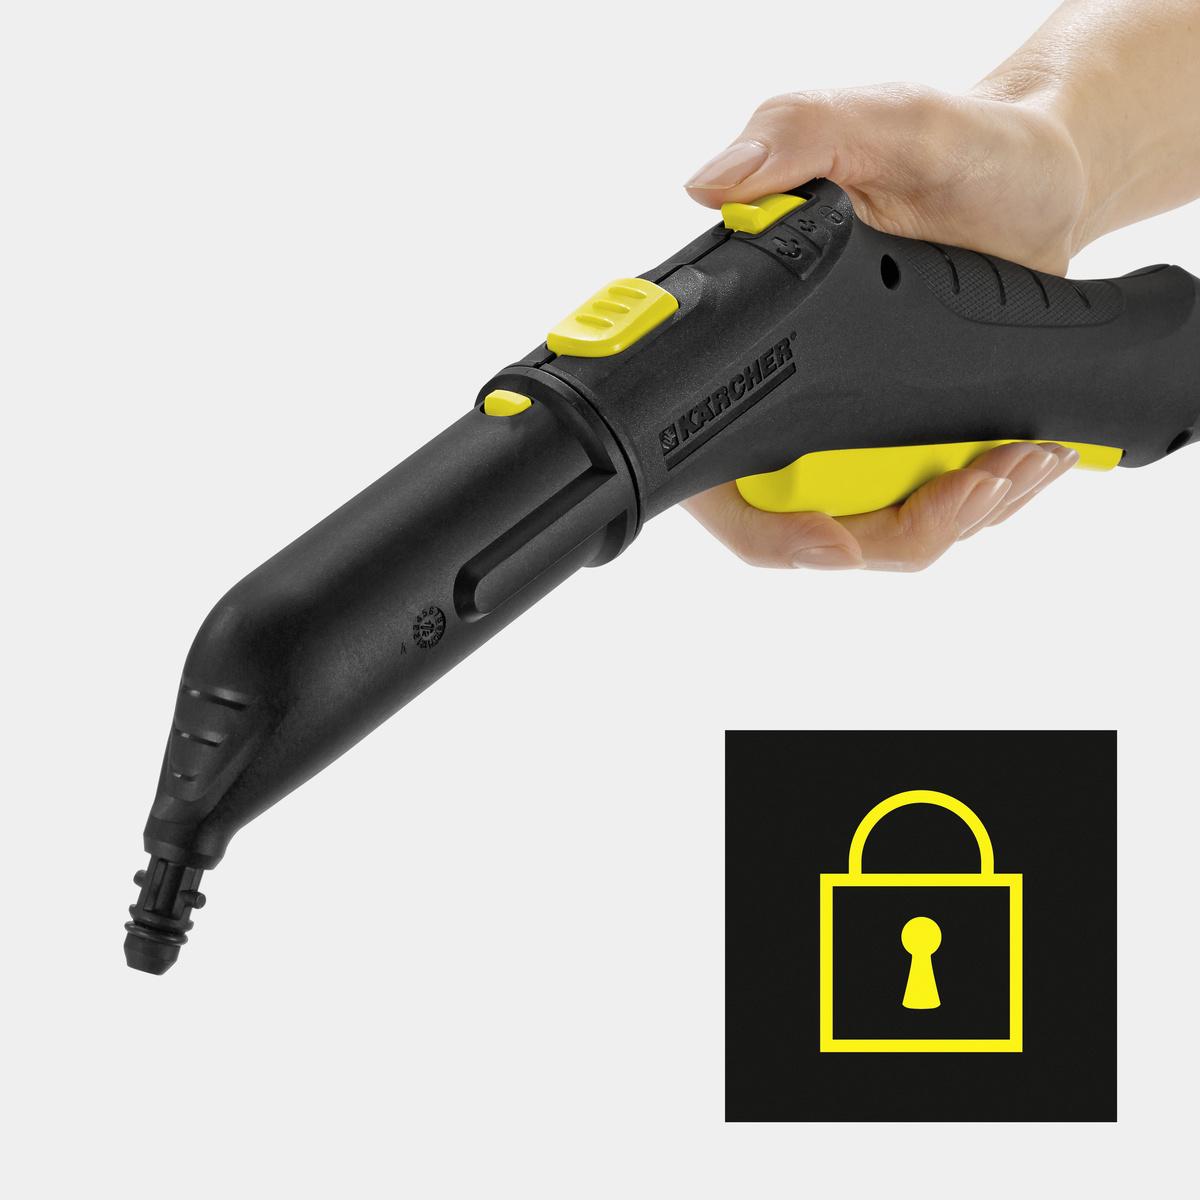 SC 2 EasyFix: Khóa an toàn trên súng phun hơi